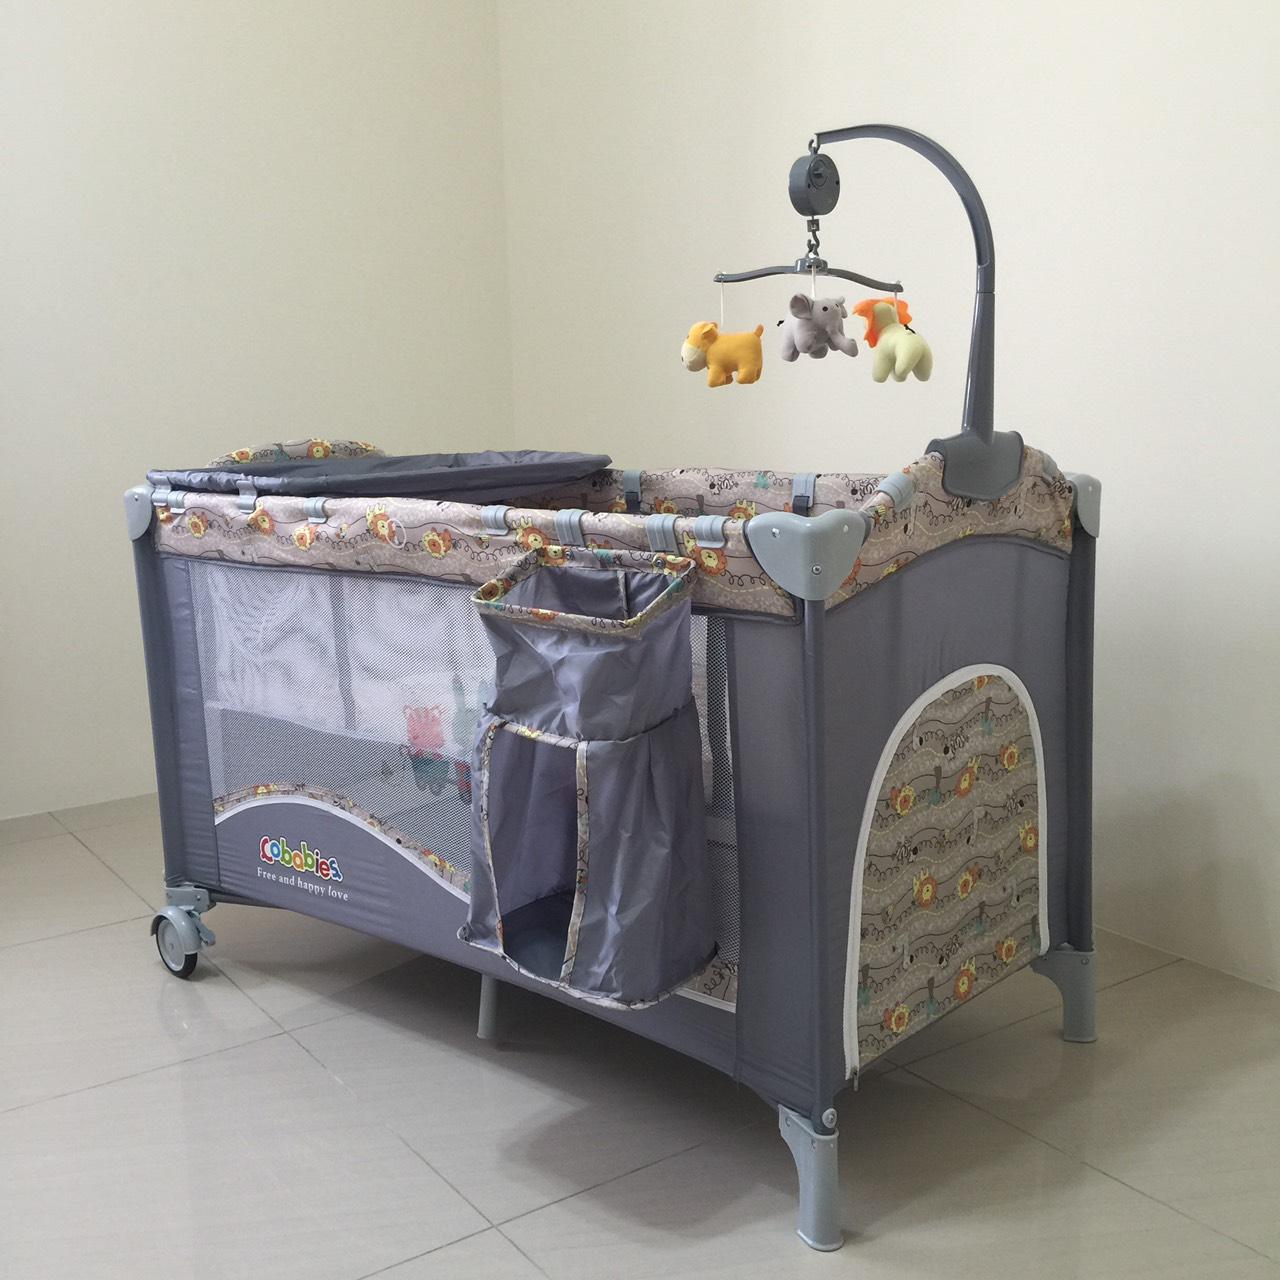 快樂奶爸  臺灣樂天市場:豪華遊戲床 加長遊戲床 多功能 嬰兒床 雙層床 可折疊 附置物袋 尿布臺